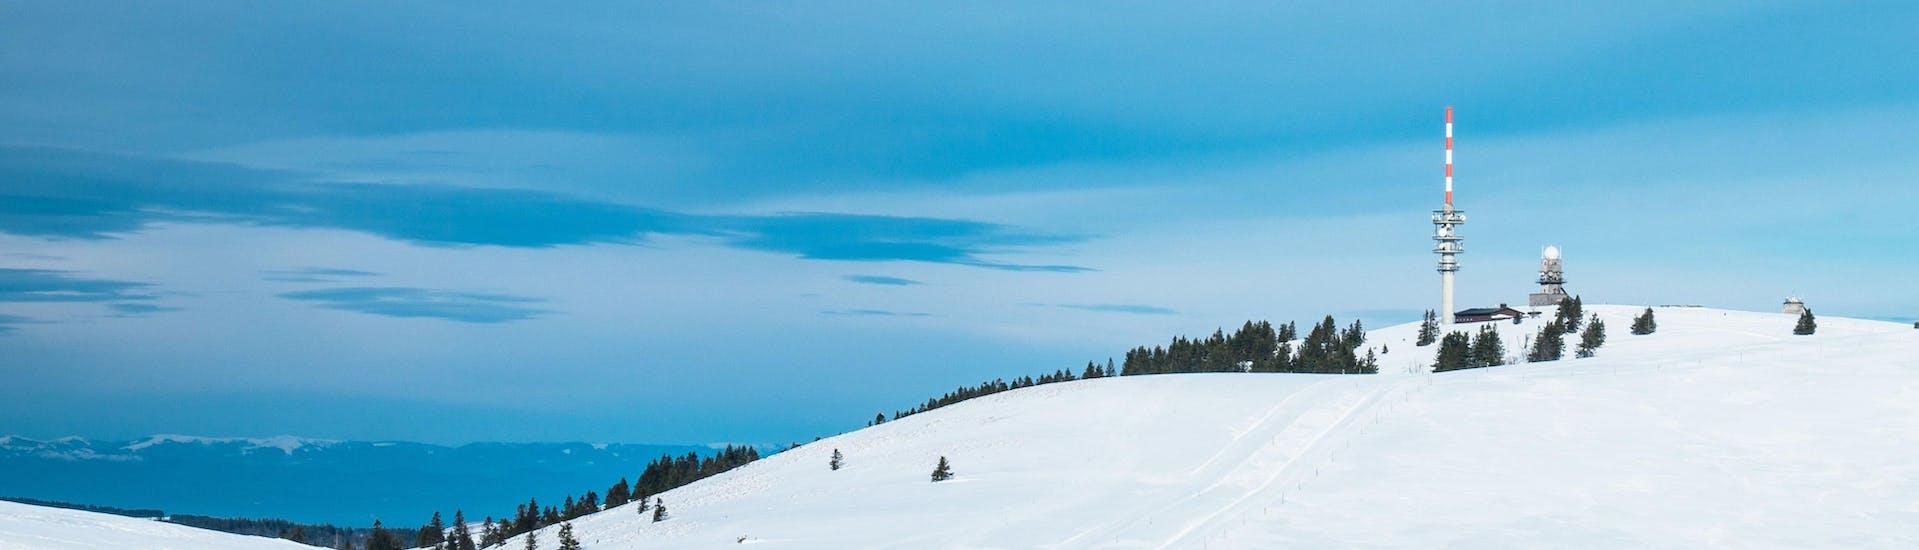 ski-lessons-for-adults-feldberg-hero-image